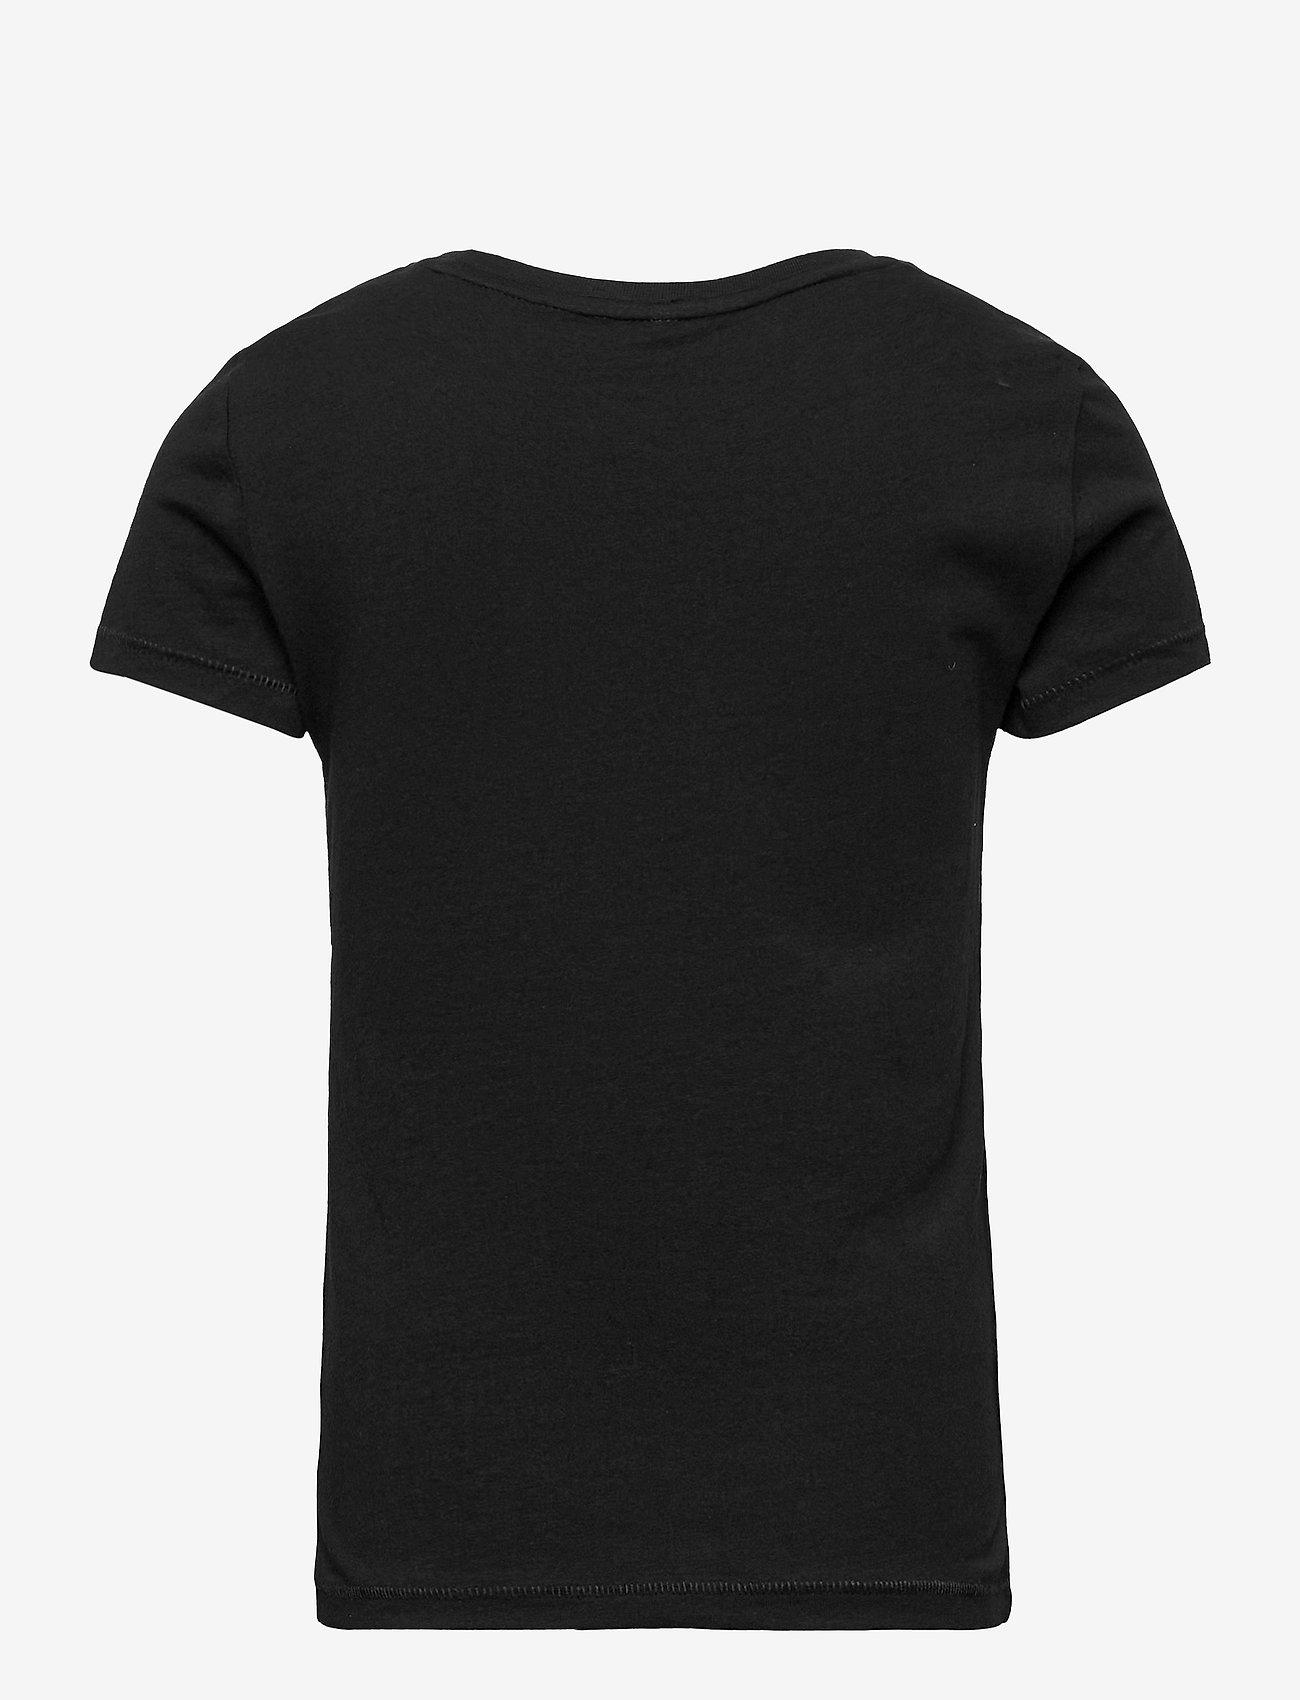 Kids Only - KONBINA LIFE FIT S/S BOX TOP JRS - t-shirts - black - 1